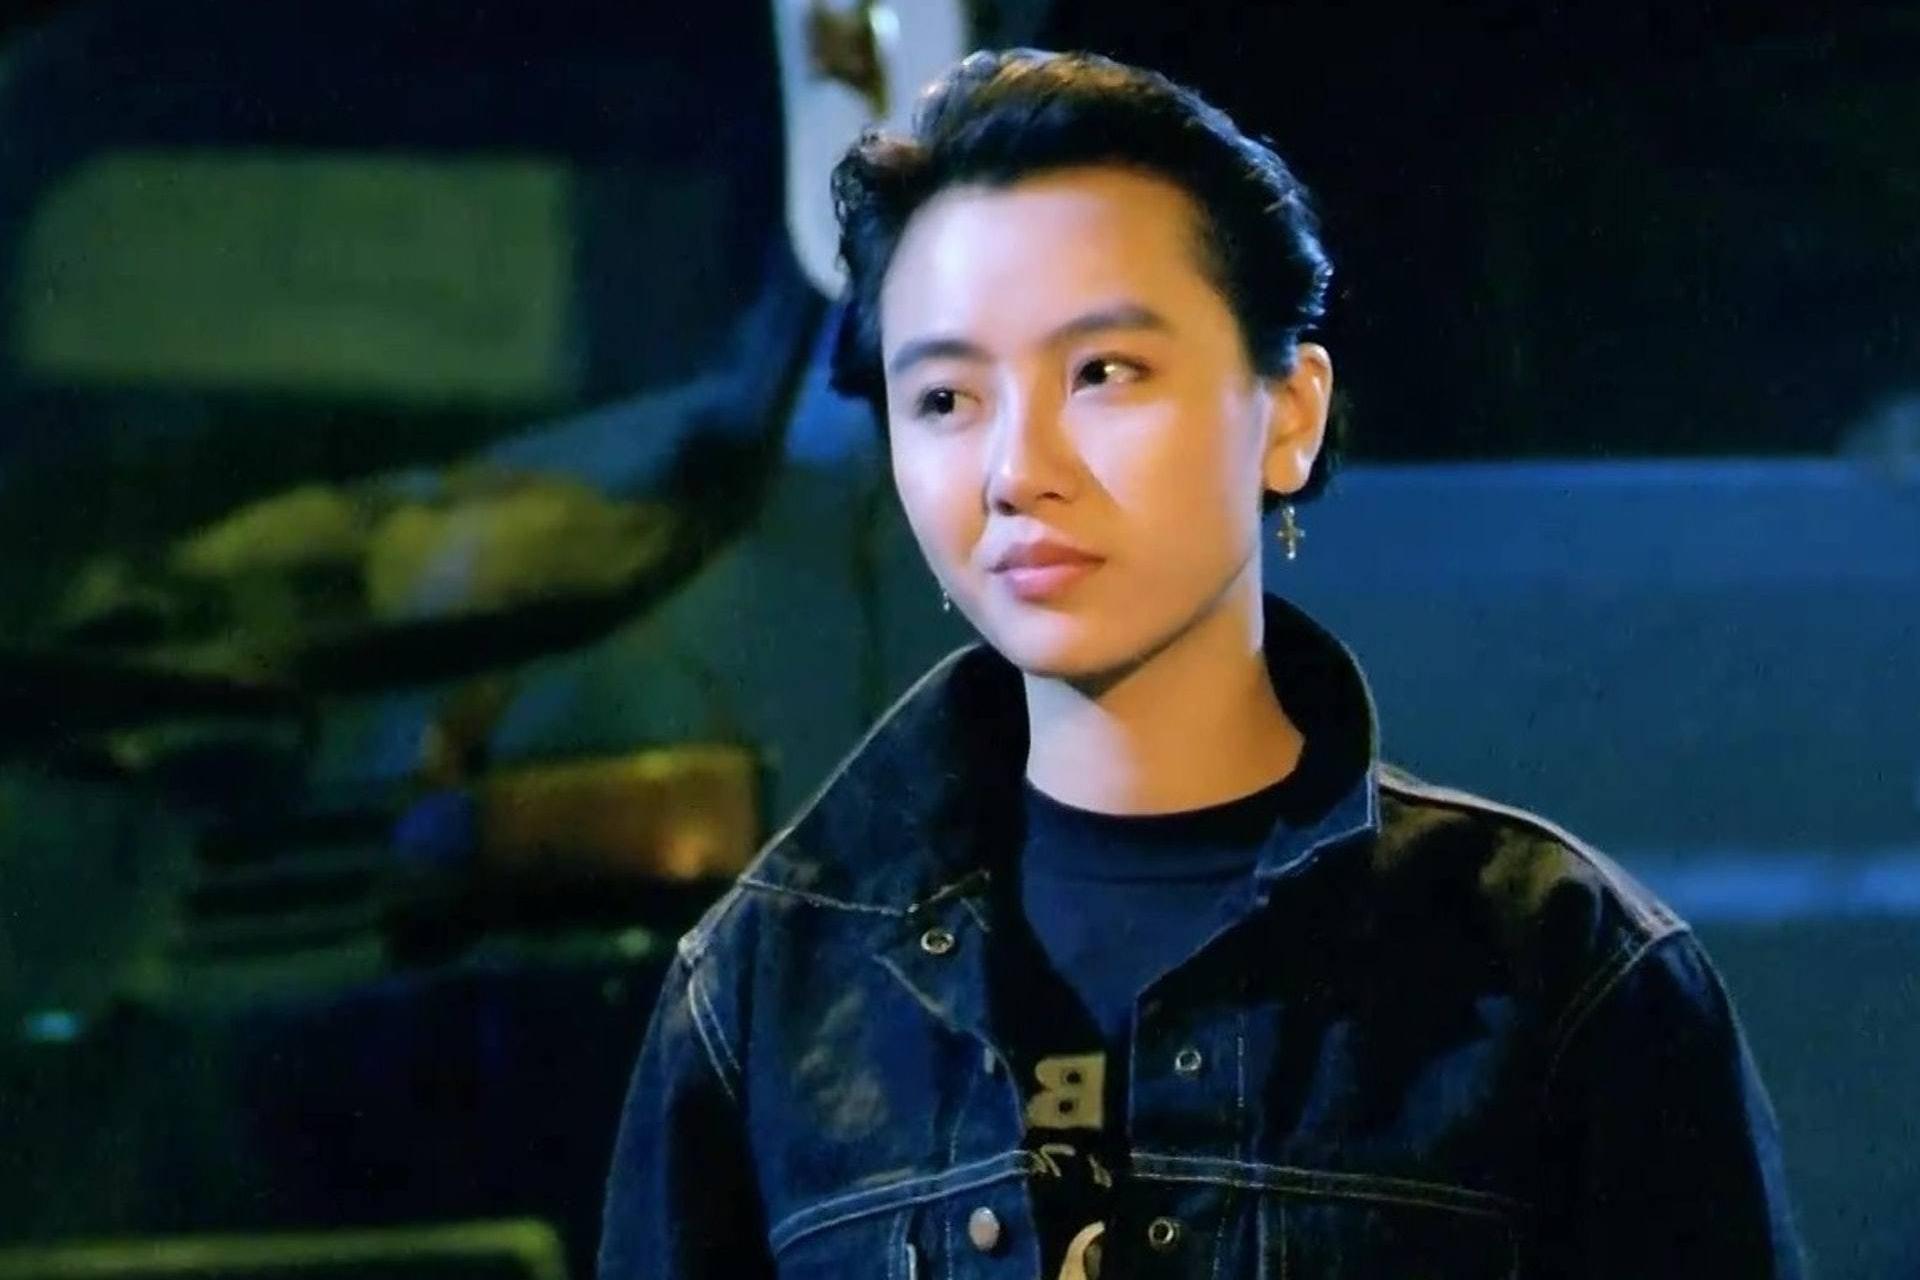 15岁出街被星探发现,黎姿曾为她做配角,昔日TVB花旦已物是人非